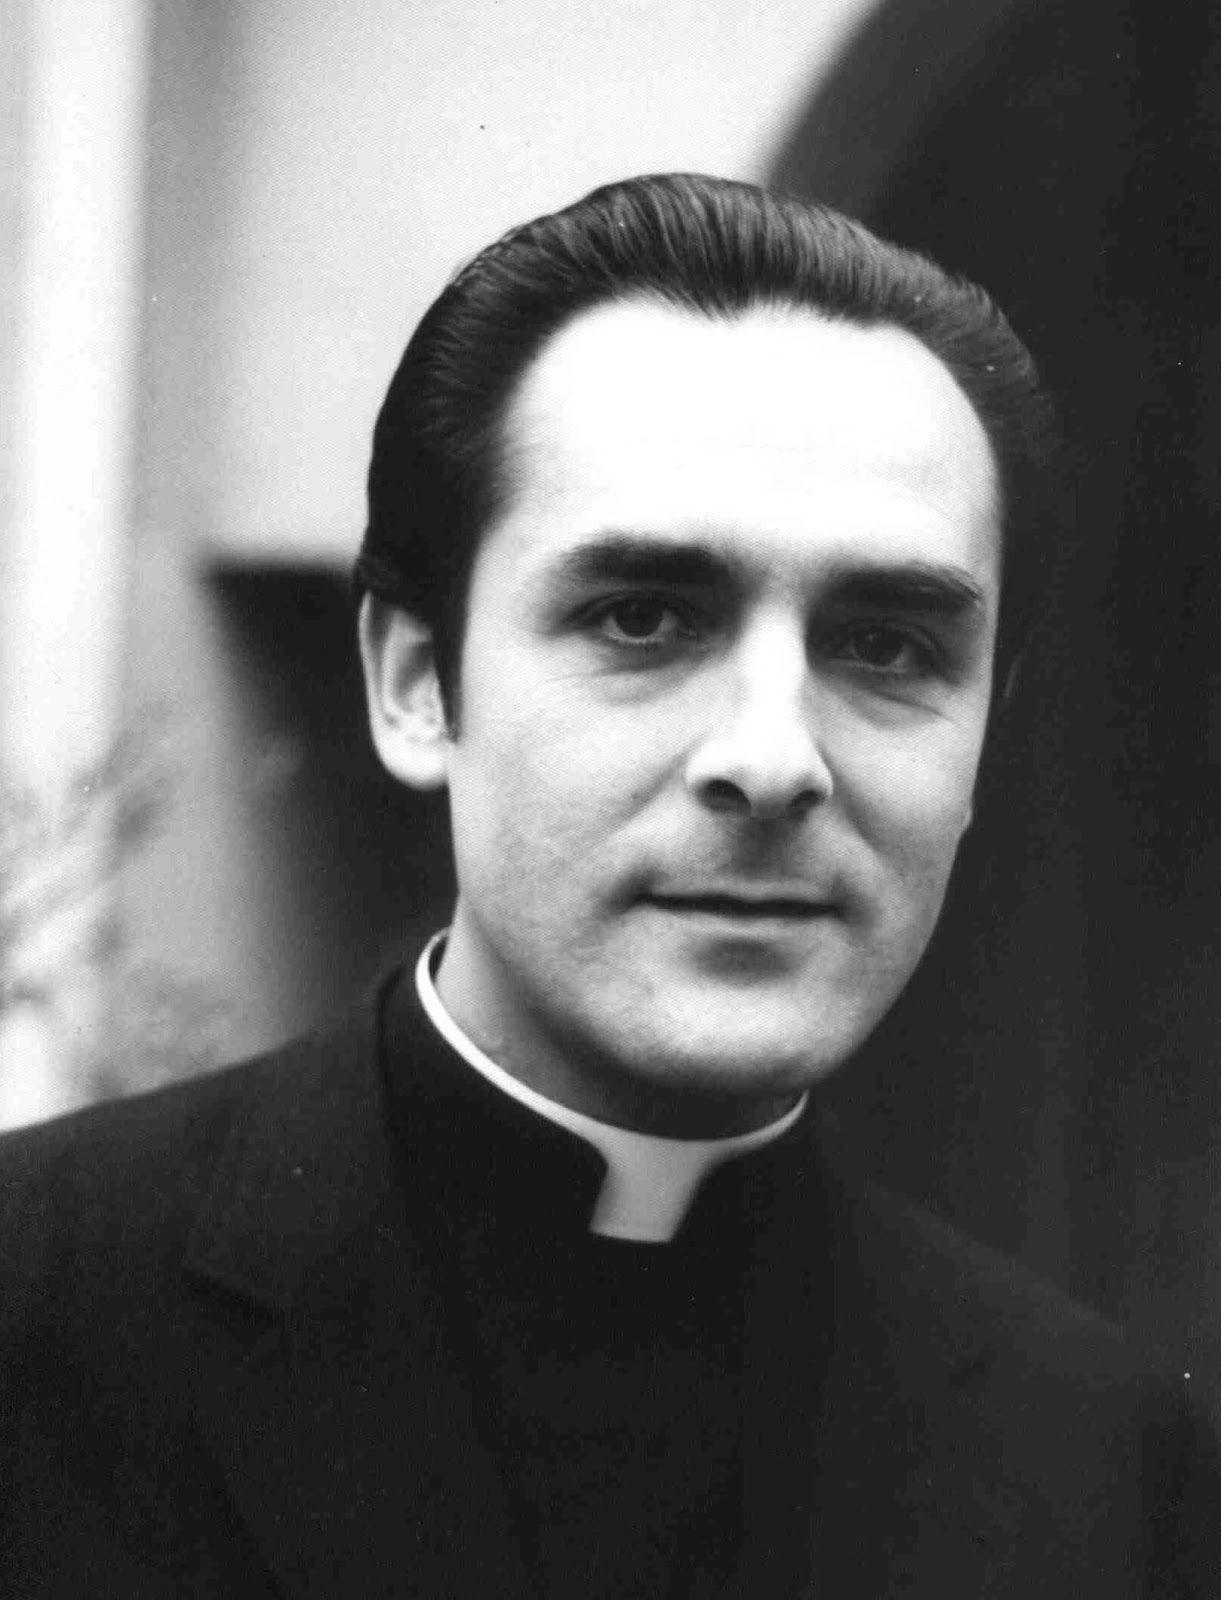 José Miguel Ibáñez Langlois, Chile, 1936